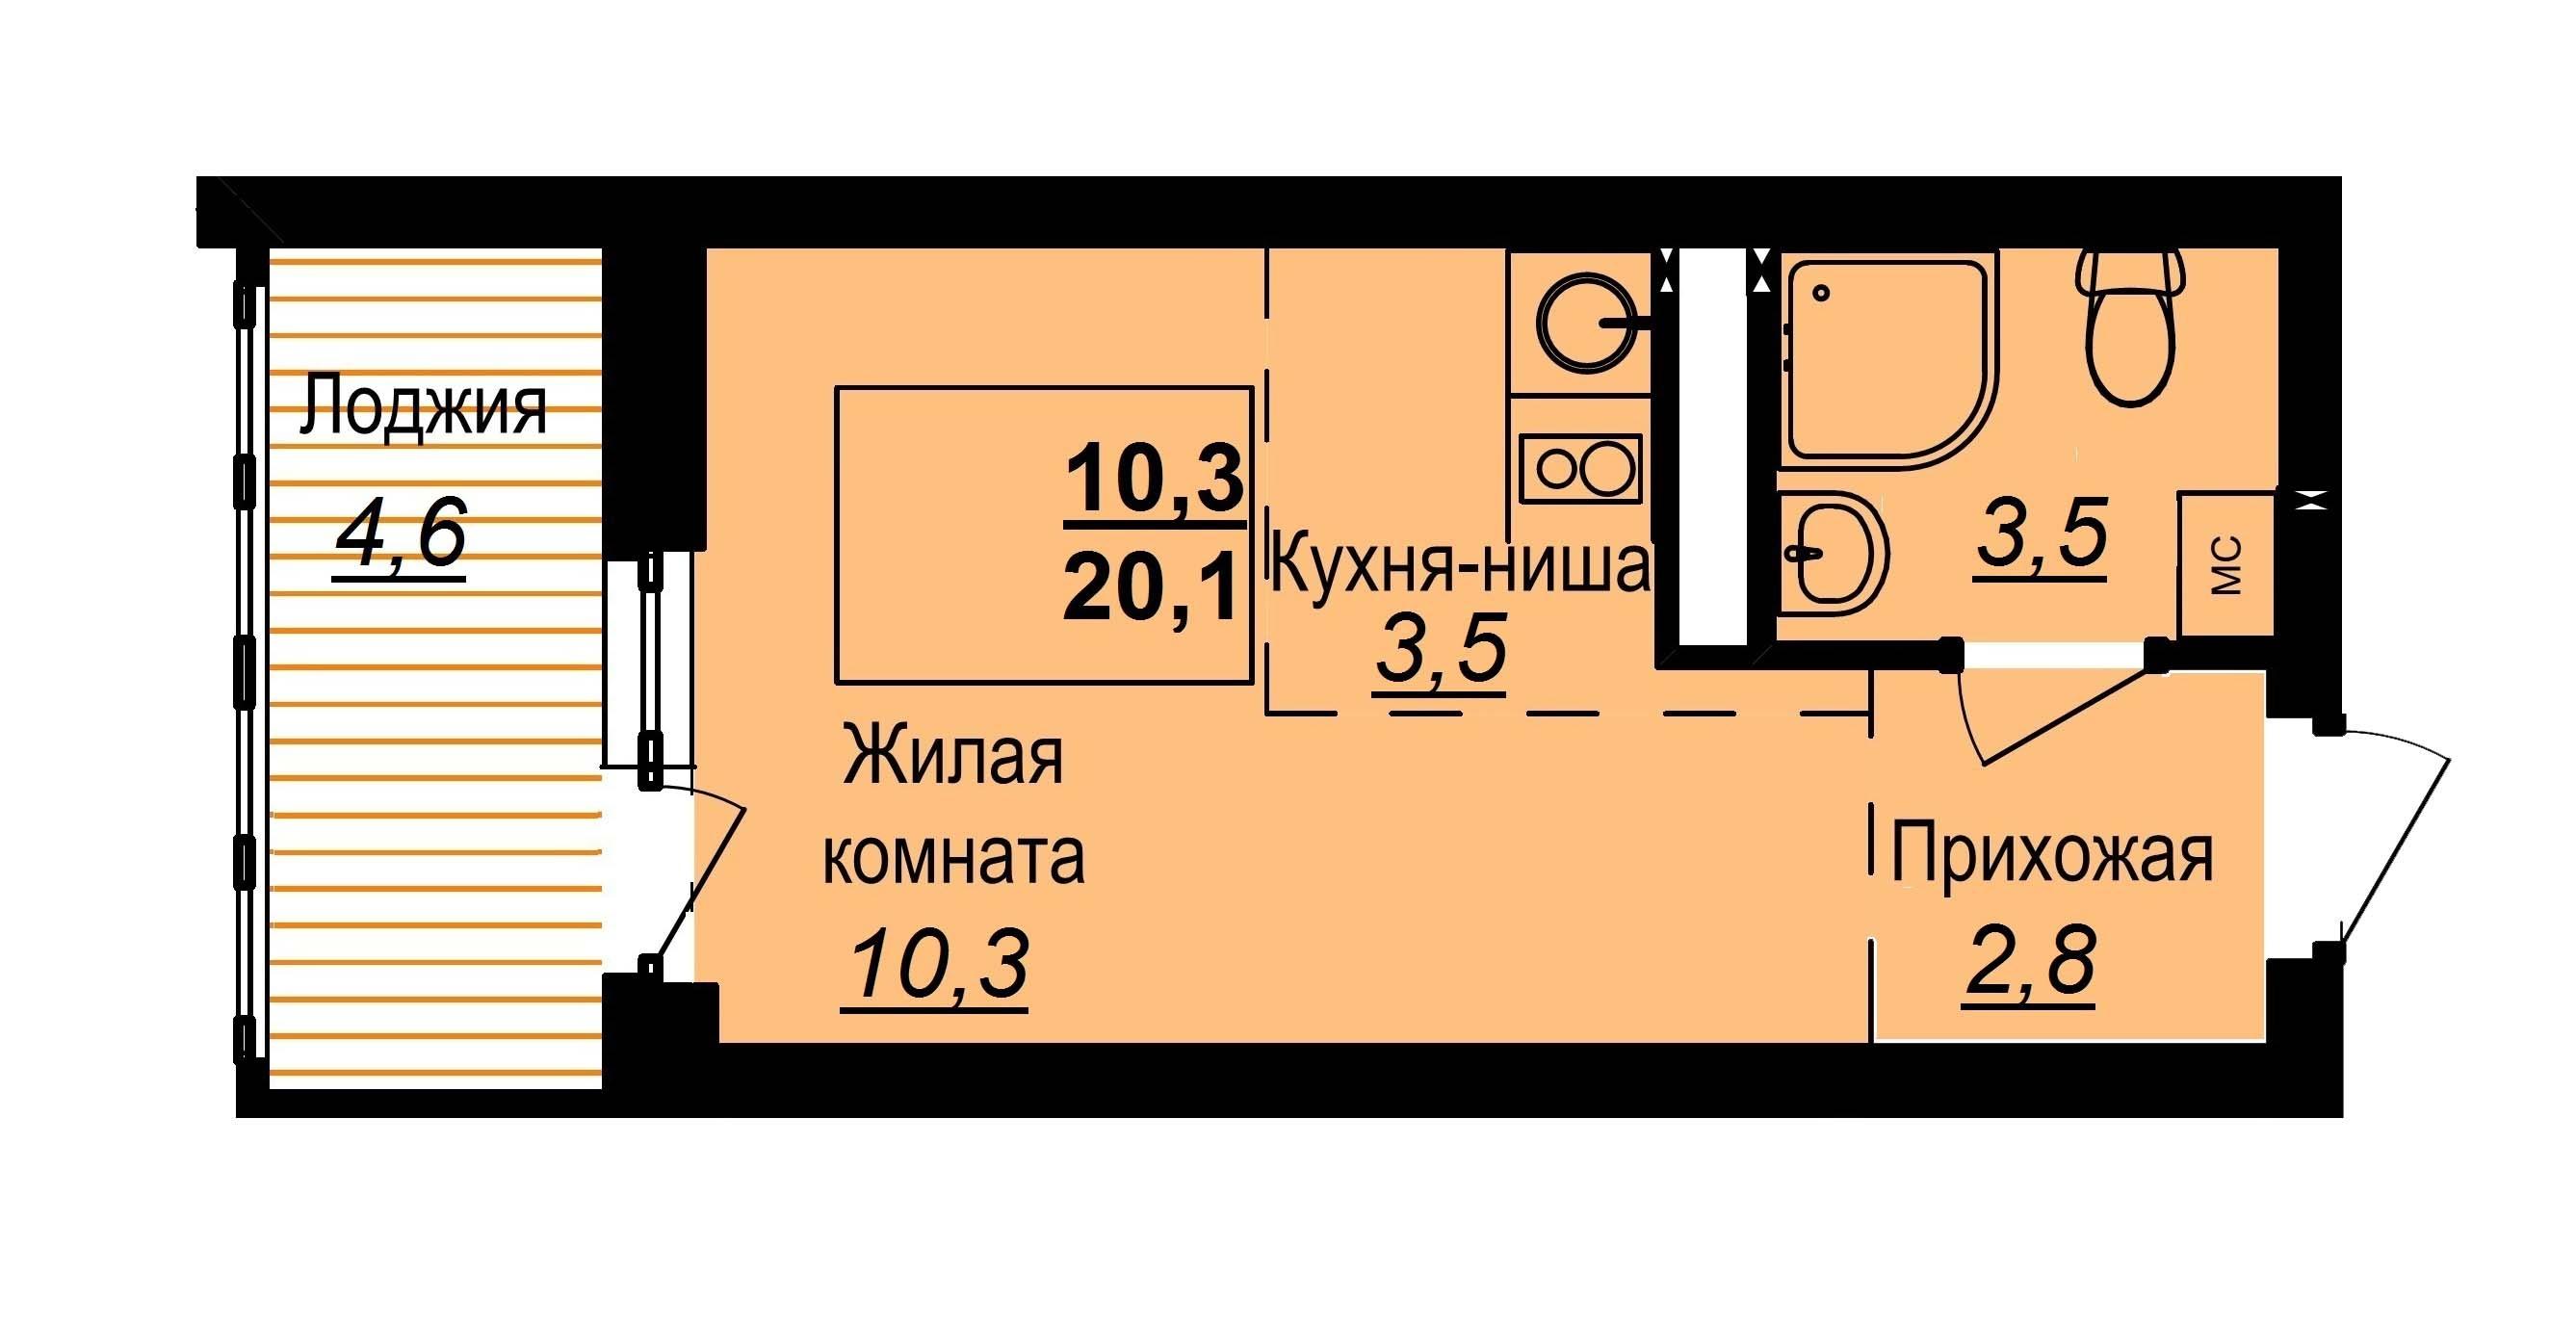 Студия площадью 20 кв. м, цена— от 1,7 млн рублей